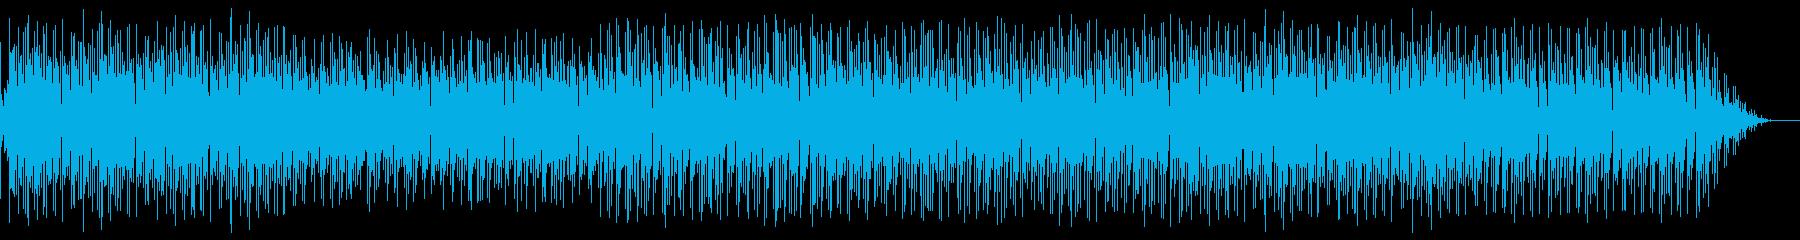 雰囲気ラテンインストの再生済みの波形